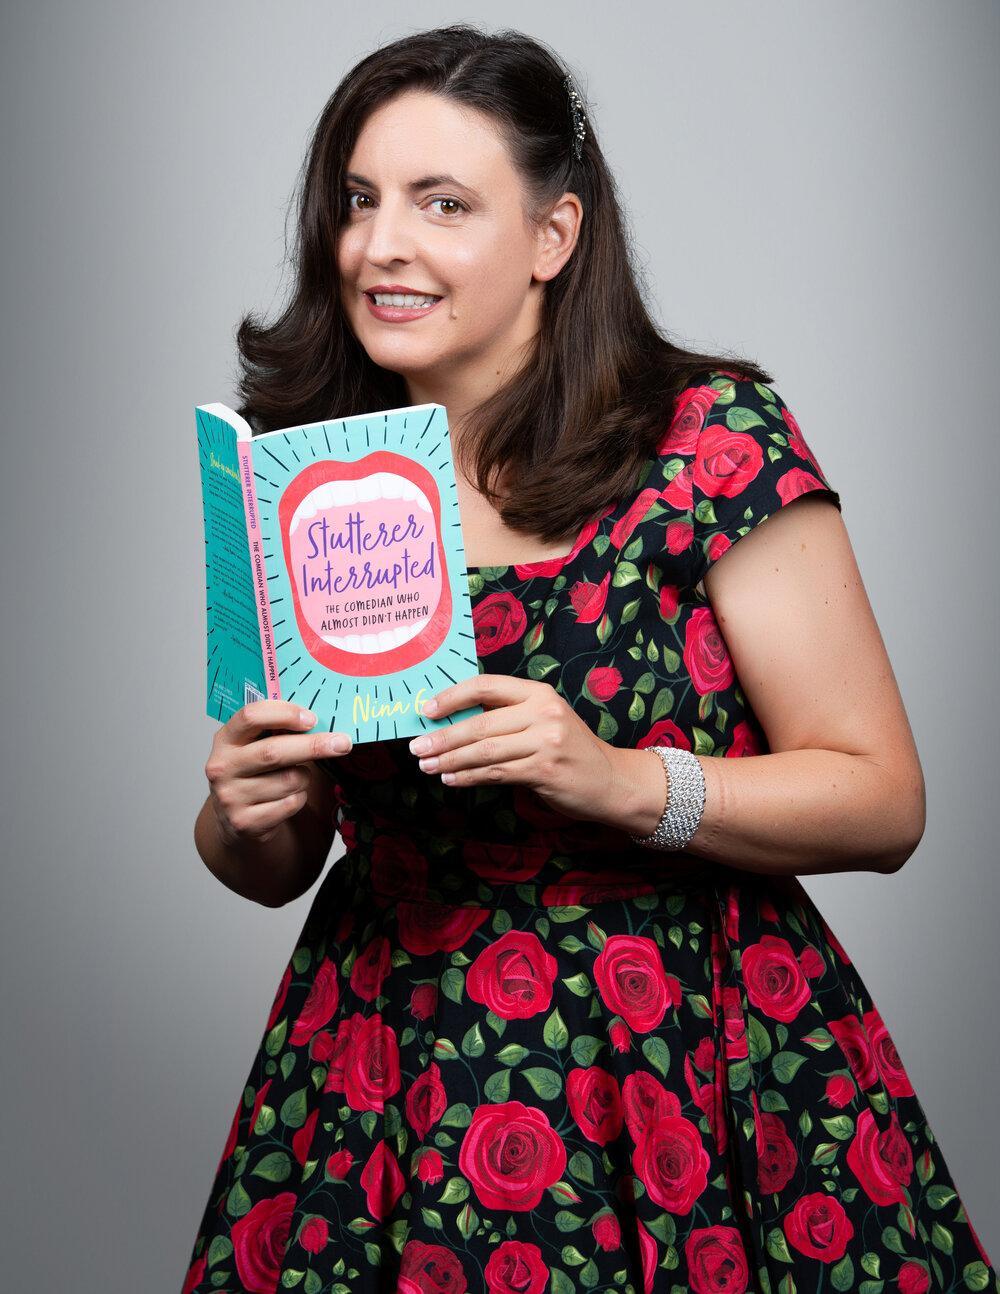 """Image of Nina G holding her book """"Stutterer Interrupted"""""""